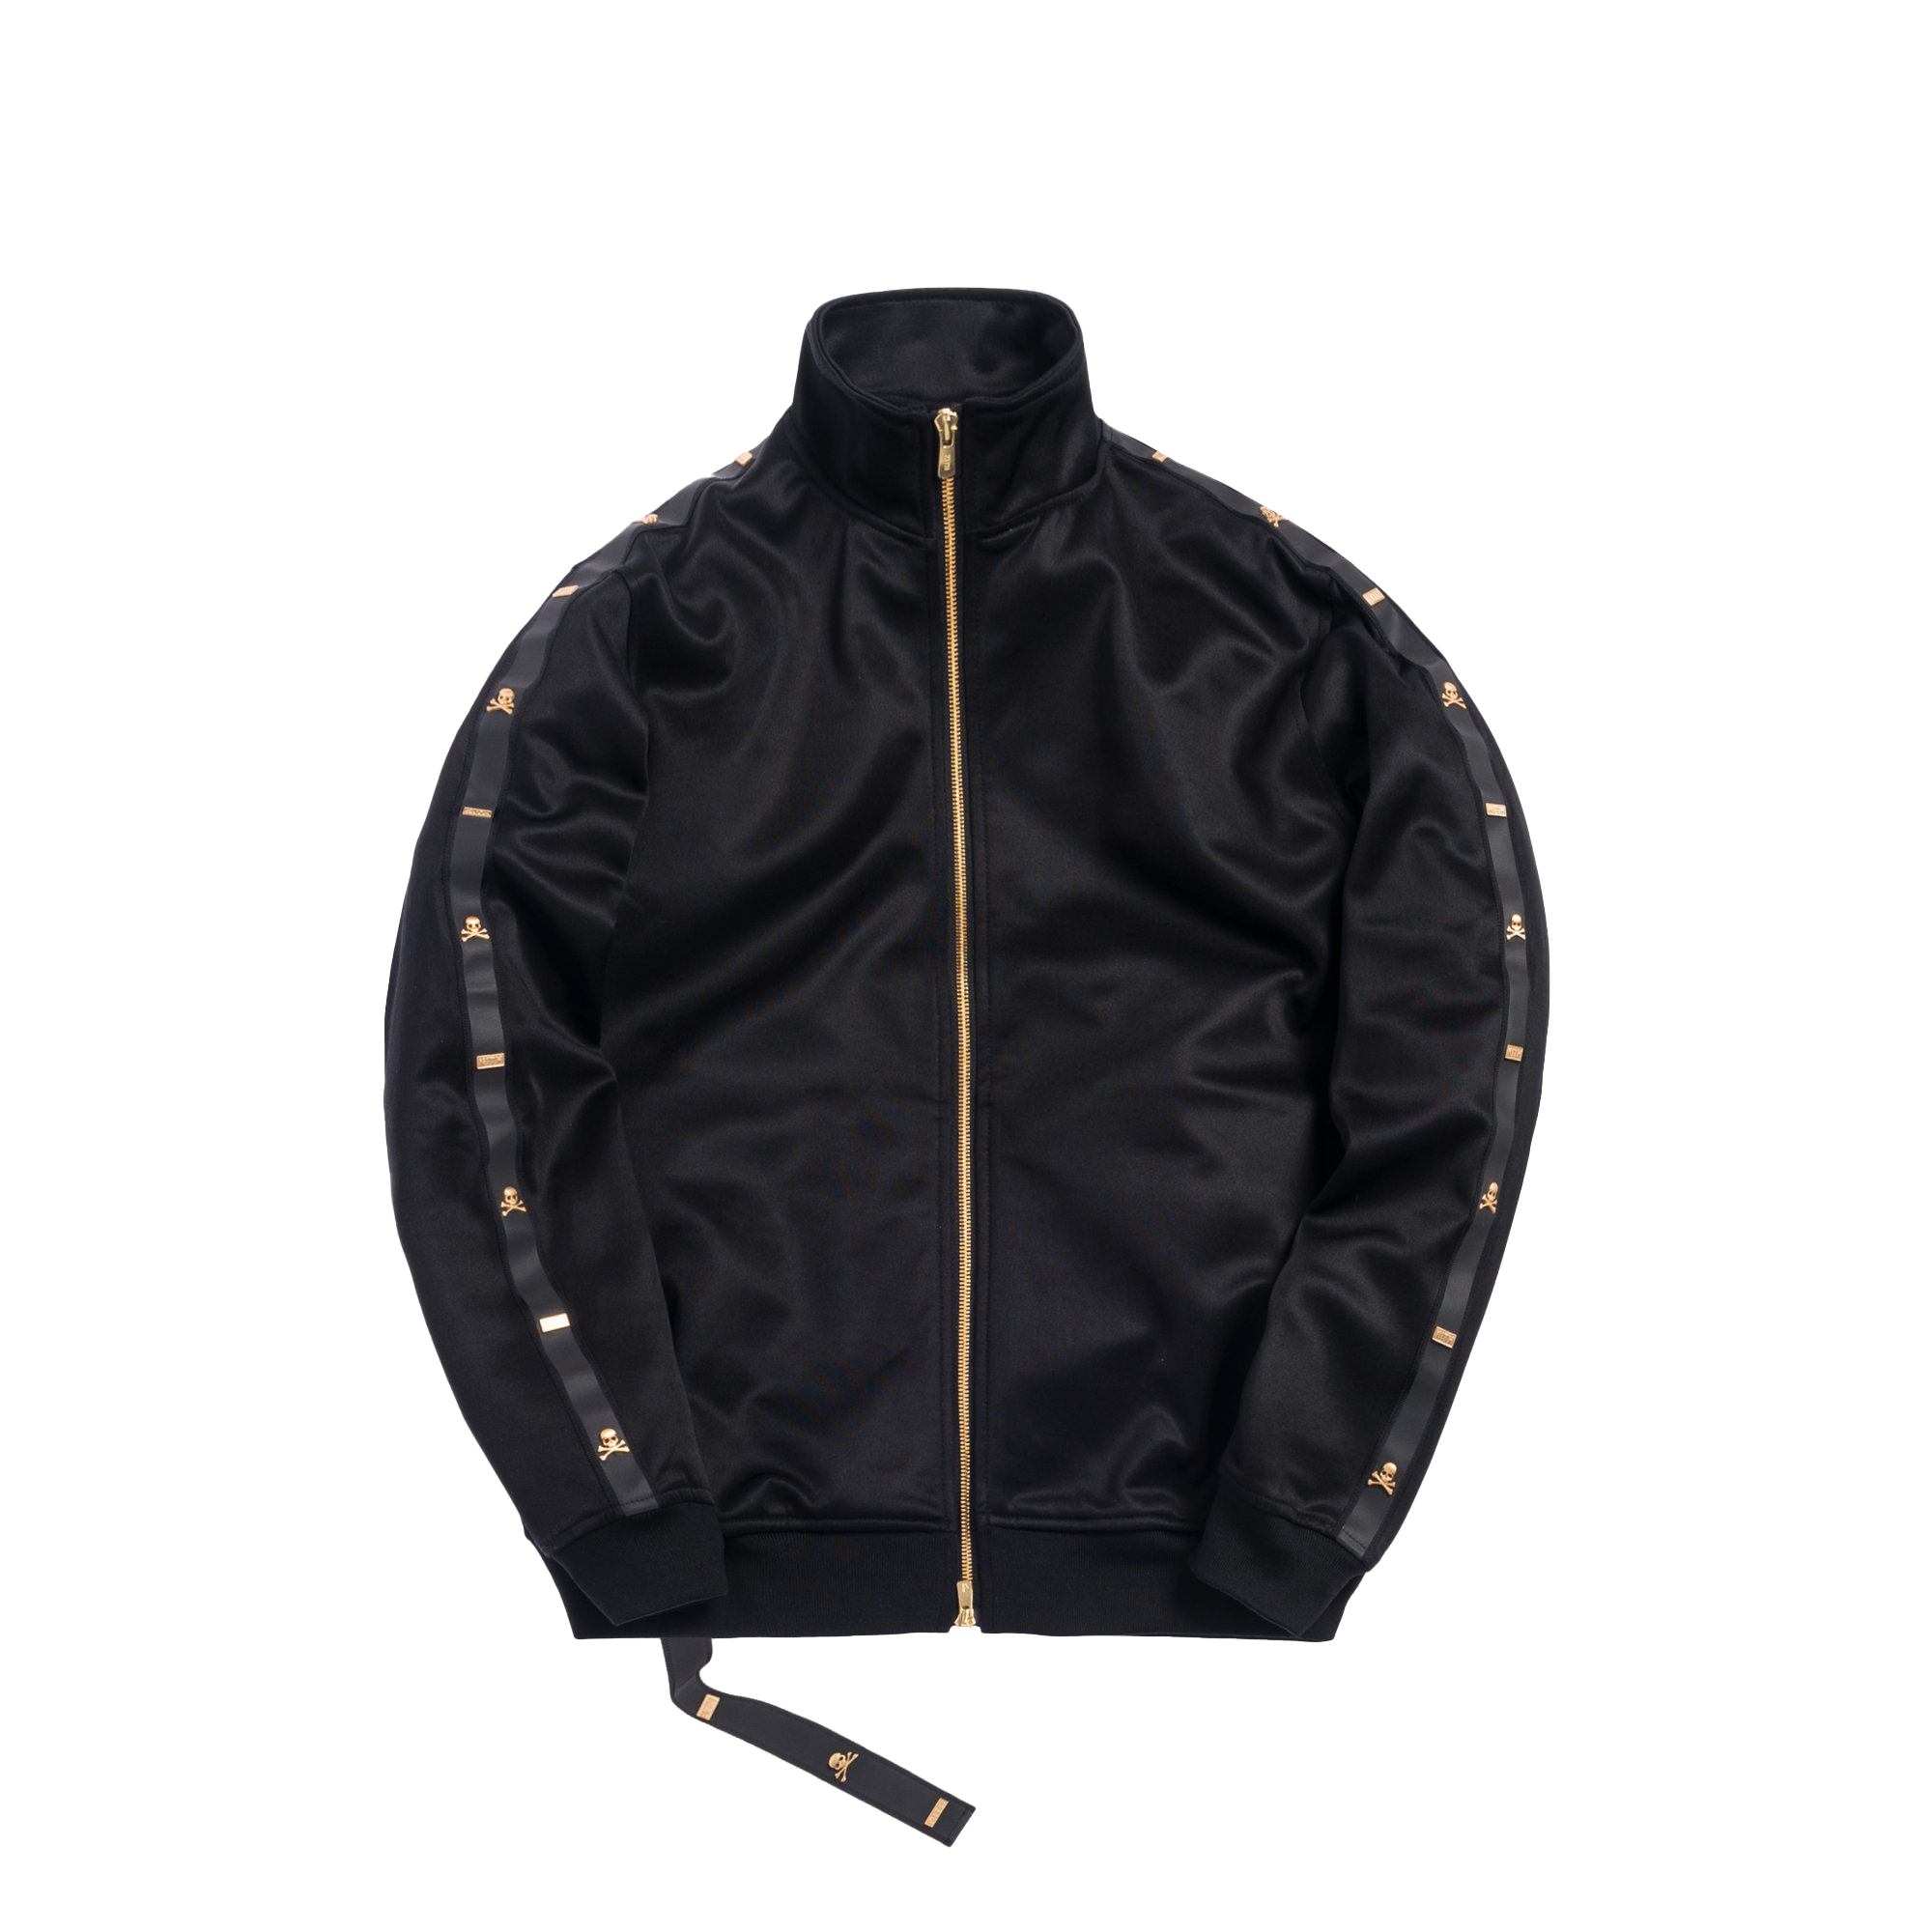 Kith x mastermind WORLD Track Jacket Black